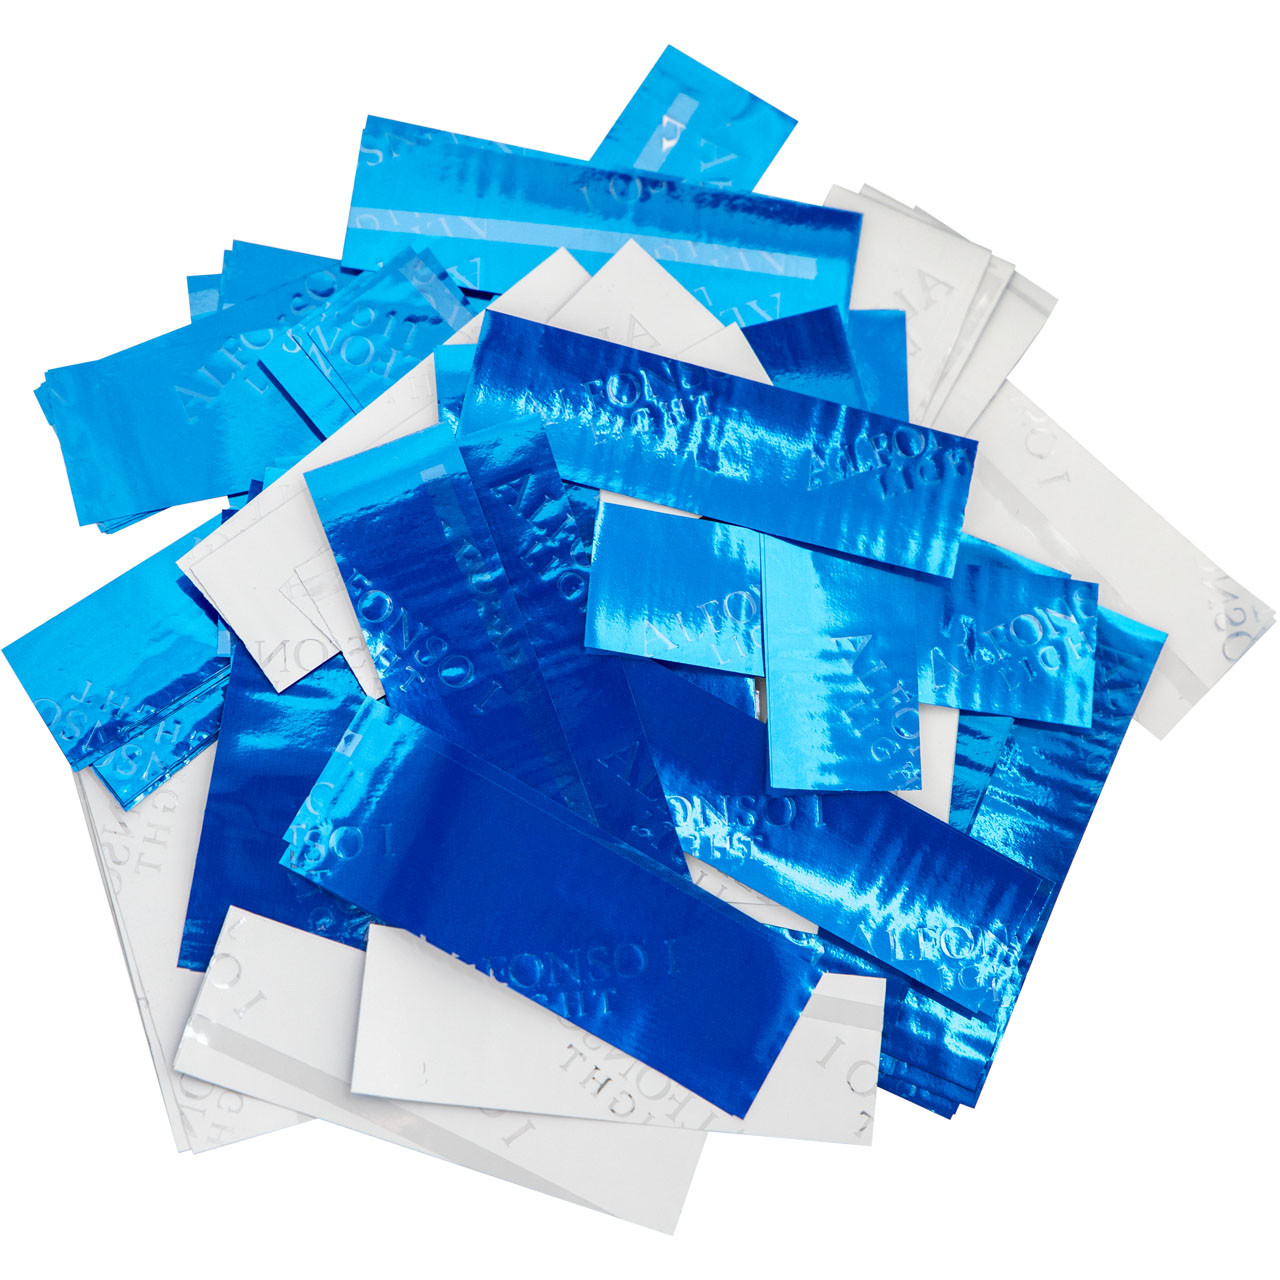 Конфетти-Метафан ЛК618 Голубо-Белый 2х2 1кг